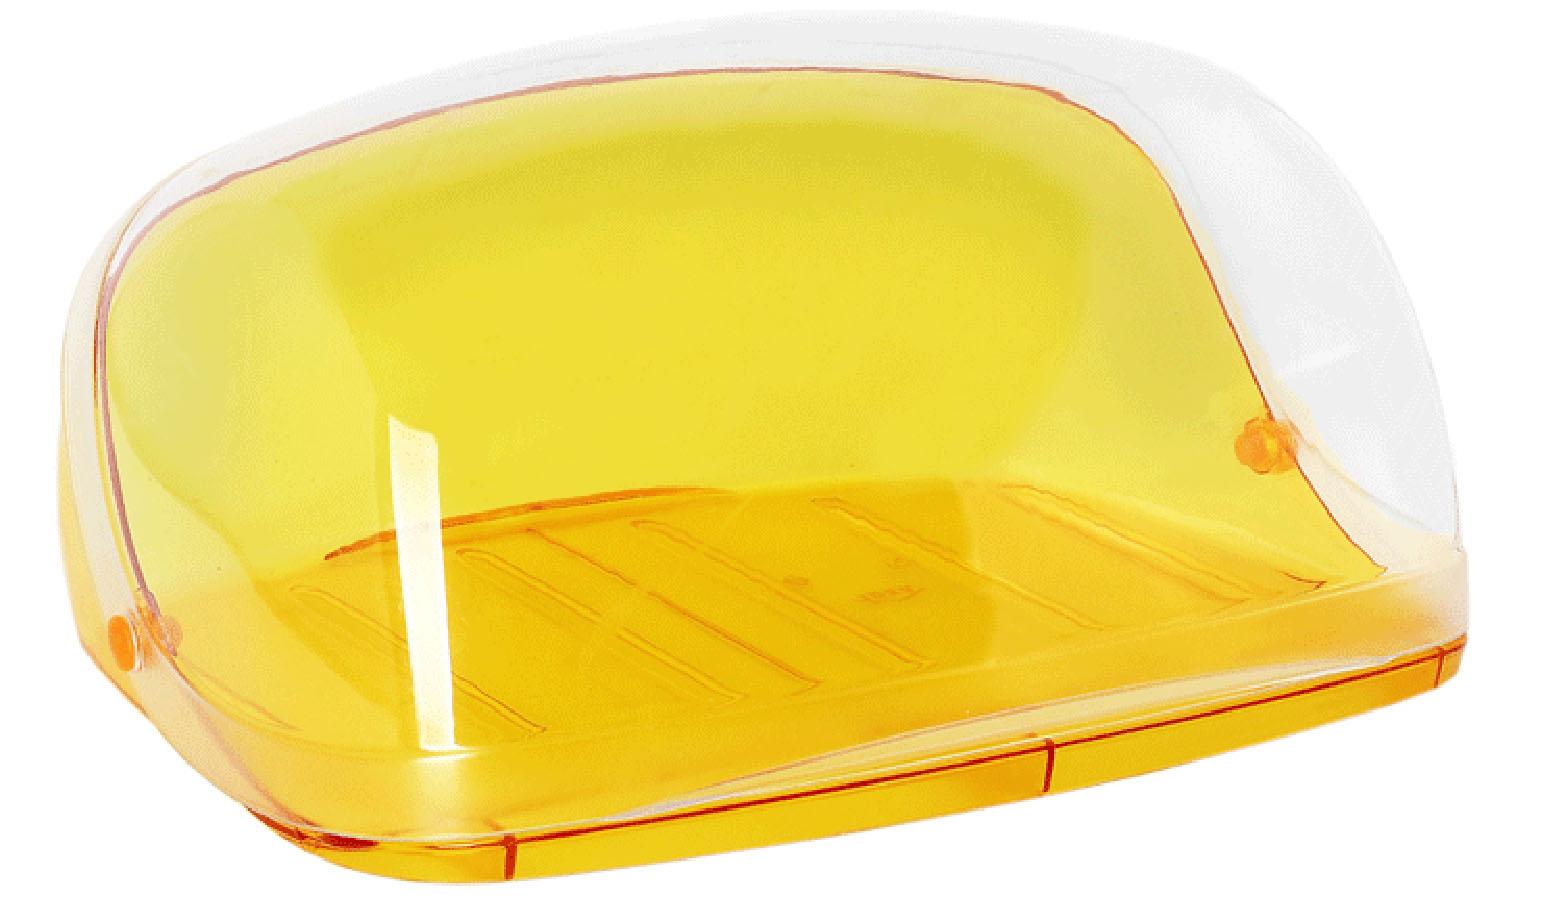 Хлебница Idea Кристалл, цвет: оранжевый, прозрачный, 40 х 29 х 16 см21395599Хлебница Idea Кристалл, изготовленная из пищевого пластика, обеспечивает идеальные условия хранения для различных видов хлебобулочных изделий, надолго сохраняя их свежесть. Изделие оснащено плотно закрывающейся крышкой, защищающей продукты от воздействия внешних факторов (запахов и влаги).Вместительность, функциональность и стильный дизайн позволят хлебнице стать не только незаменимым аксессуаром на кухне, но и предметом украшения интерьера. В ней хлеб всегда останется свежим и вкусным.